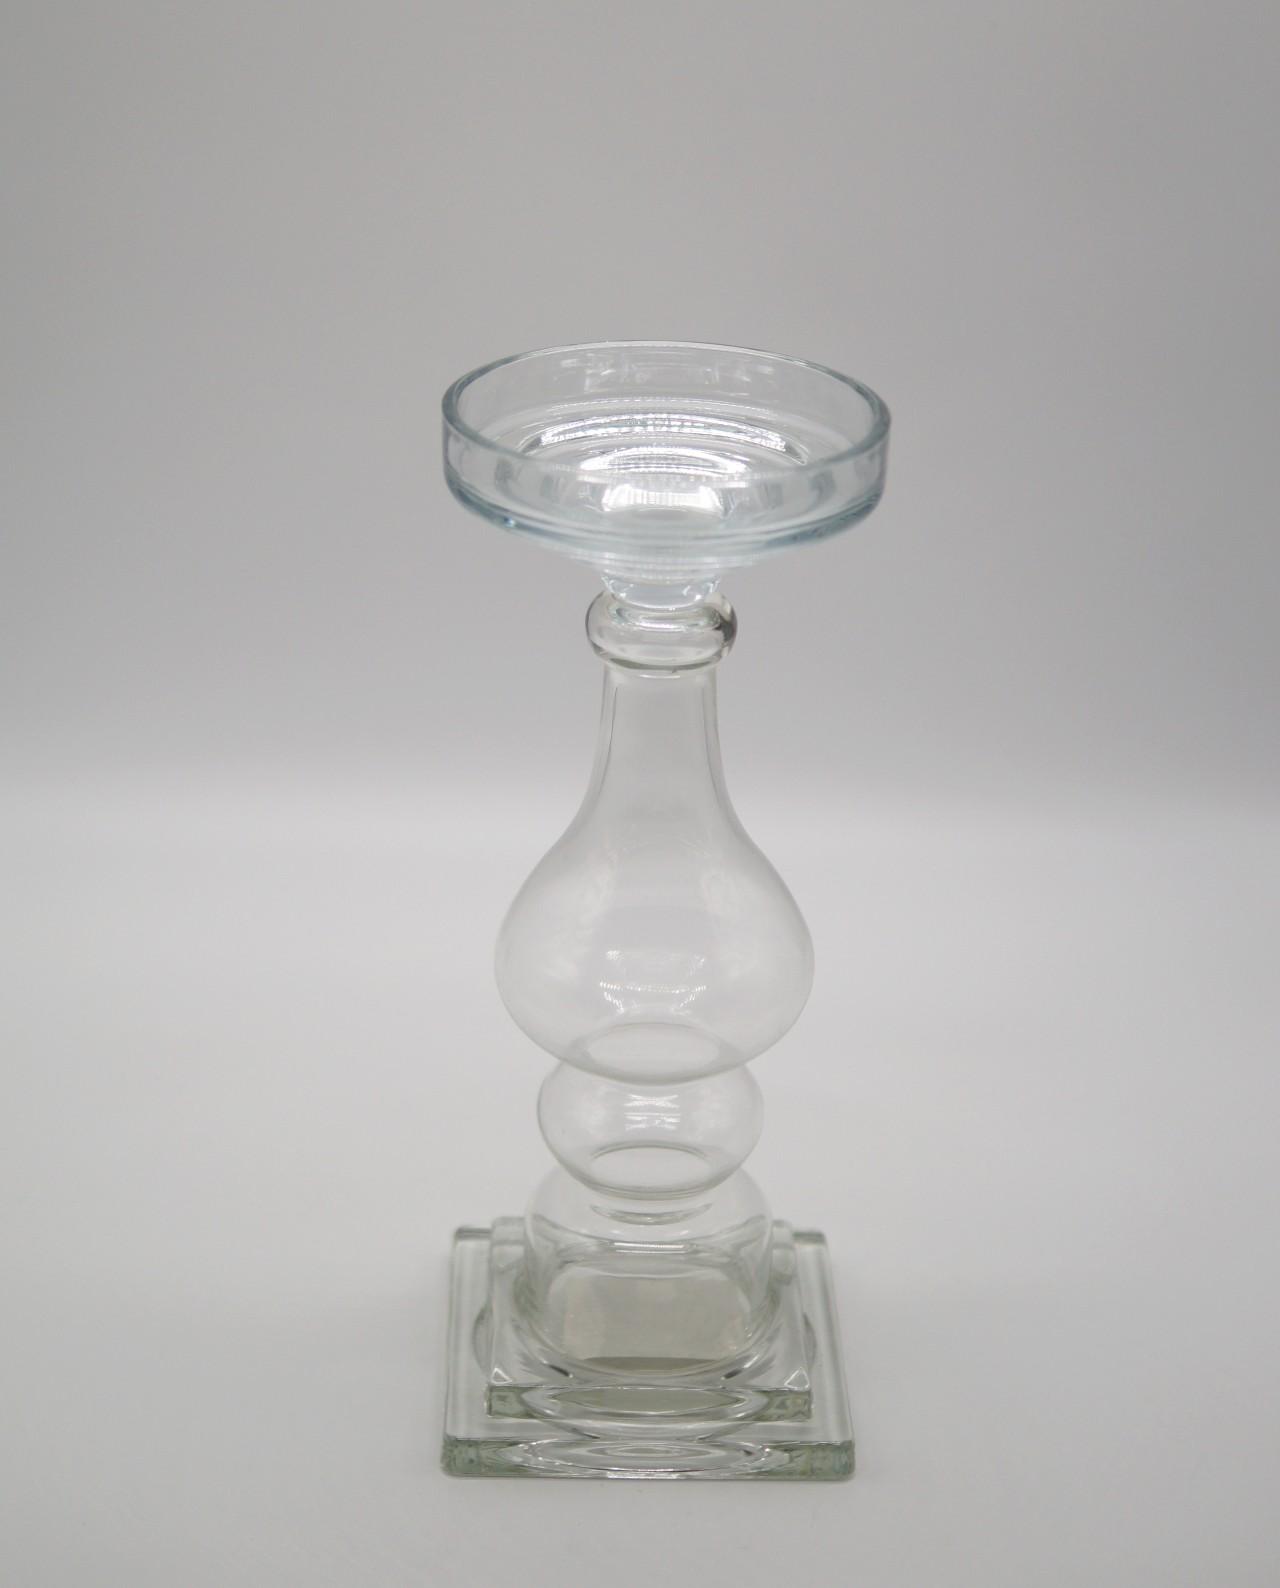 Κηροπήγιο γυάλινο διαφανές ύψους 32 cm